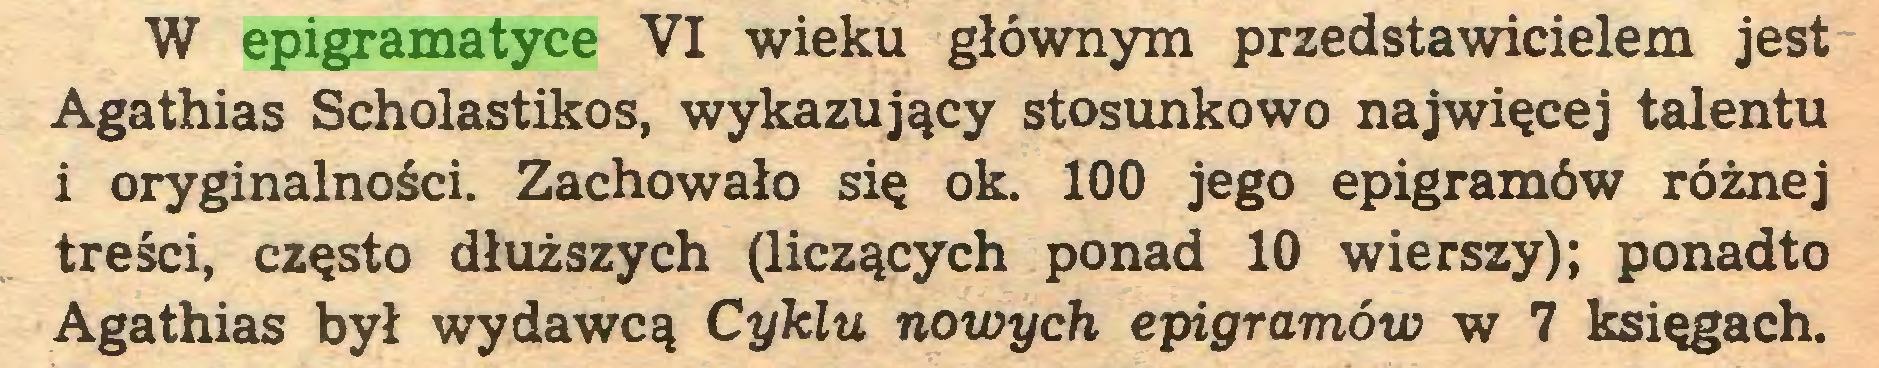 (...) W epigramatyce VI wieku głównym przedstawicielem jest Agathias Scholastikos, wykazujący stosunkowo najwięcej talentu i oryginalności. Zachowało się ok. 100 jego epigramów różnej treści, często dłuższych (liczących ponad 10 wierszy); ponadto Agathias był wydawcą Cyklu nowych epigramów w 7 księgach...